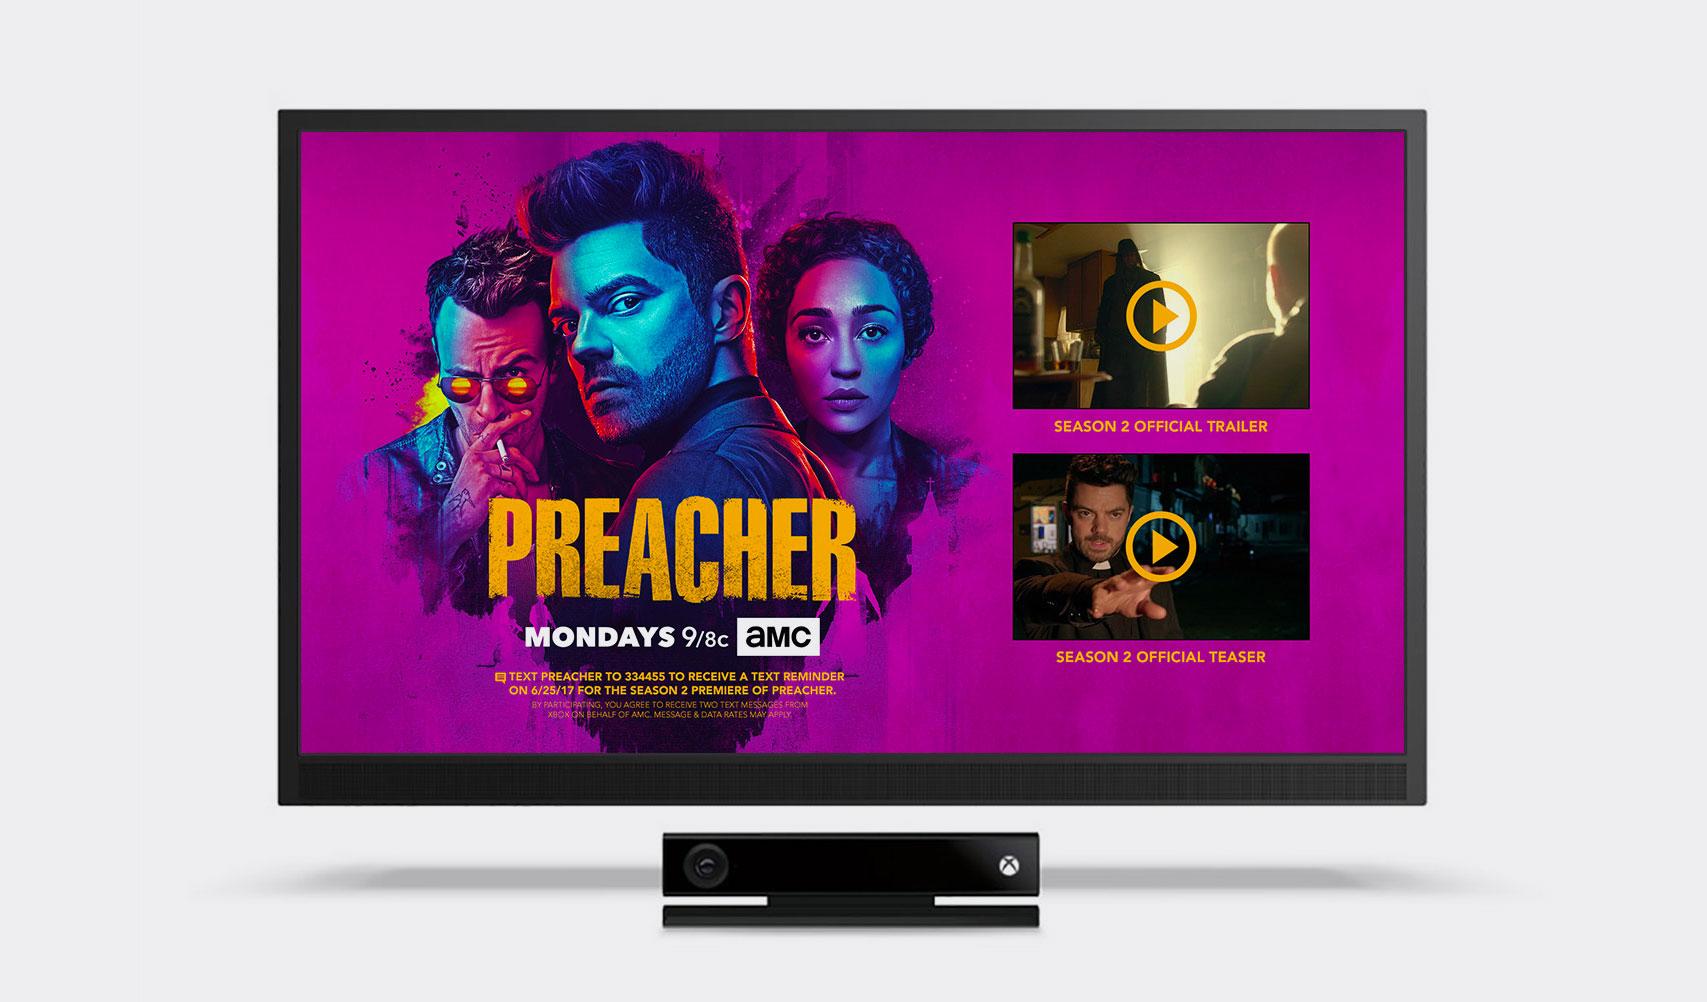 Preacher-xbox.jpg